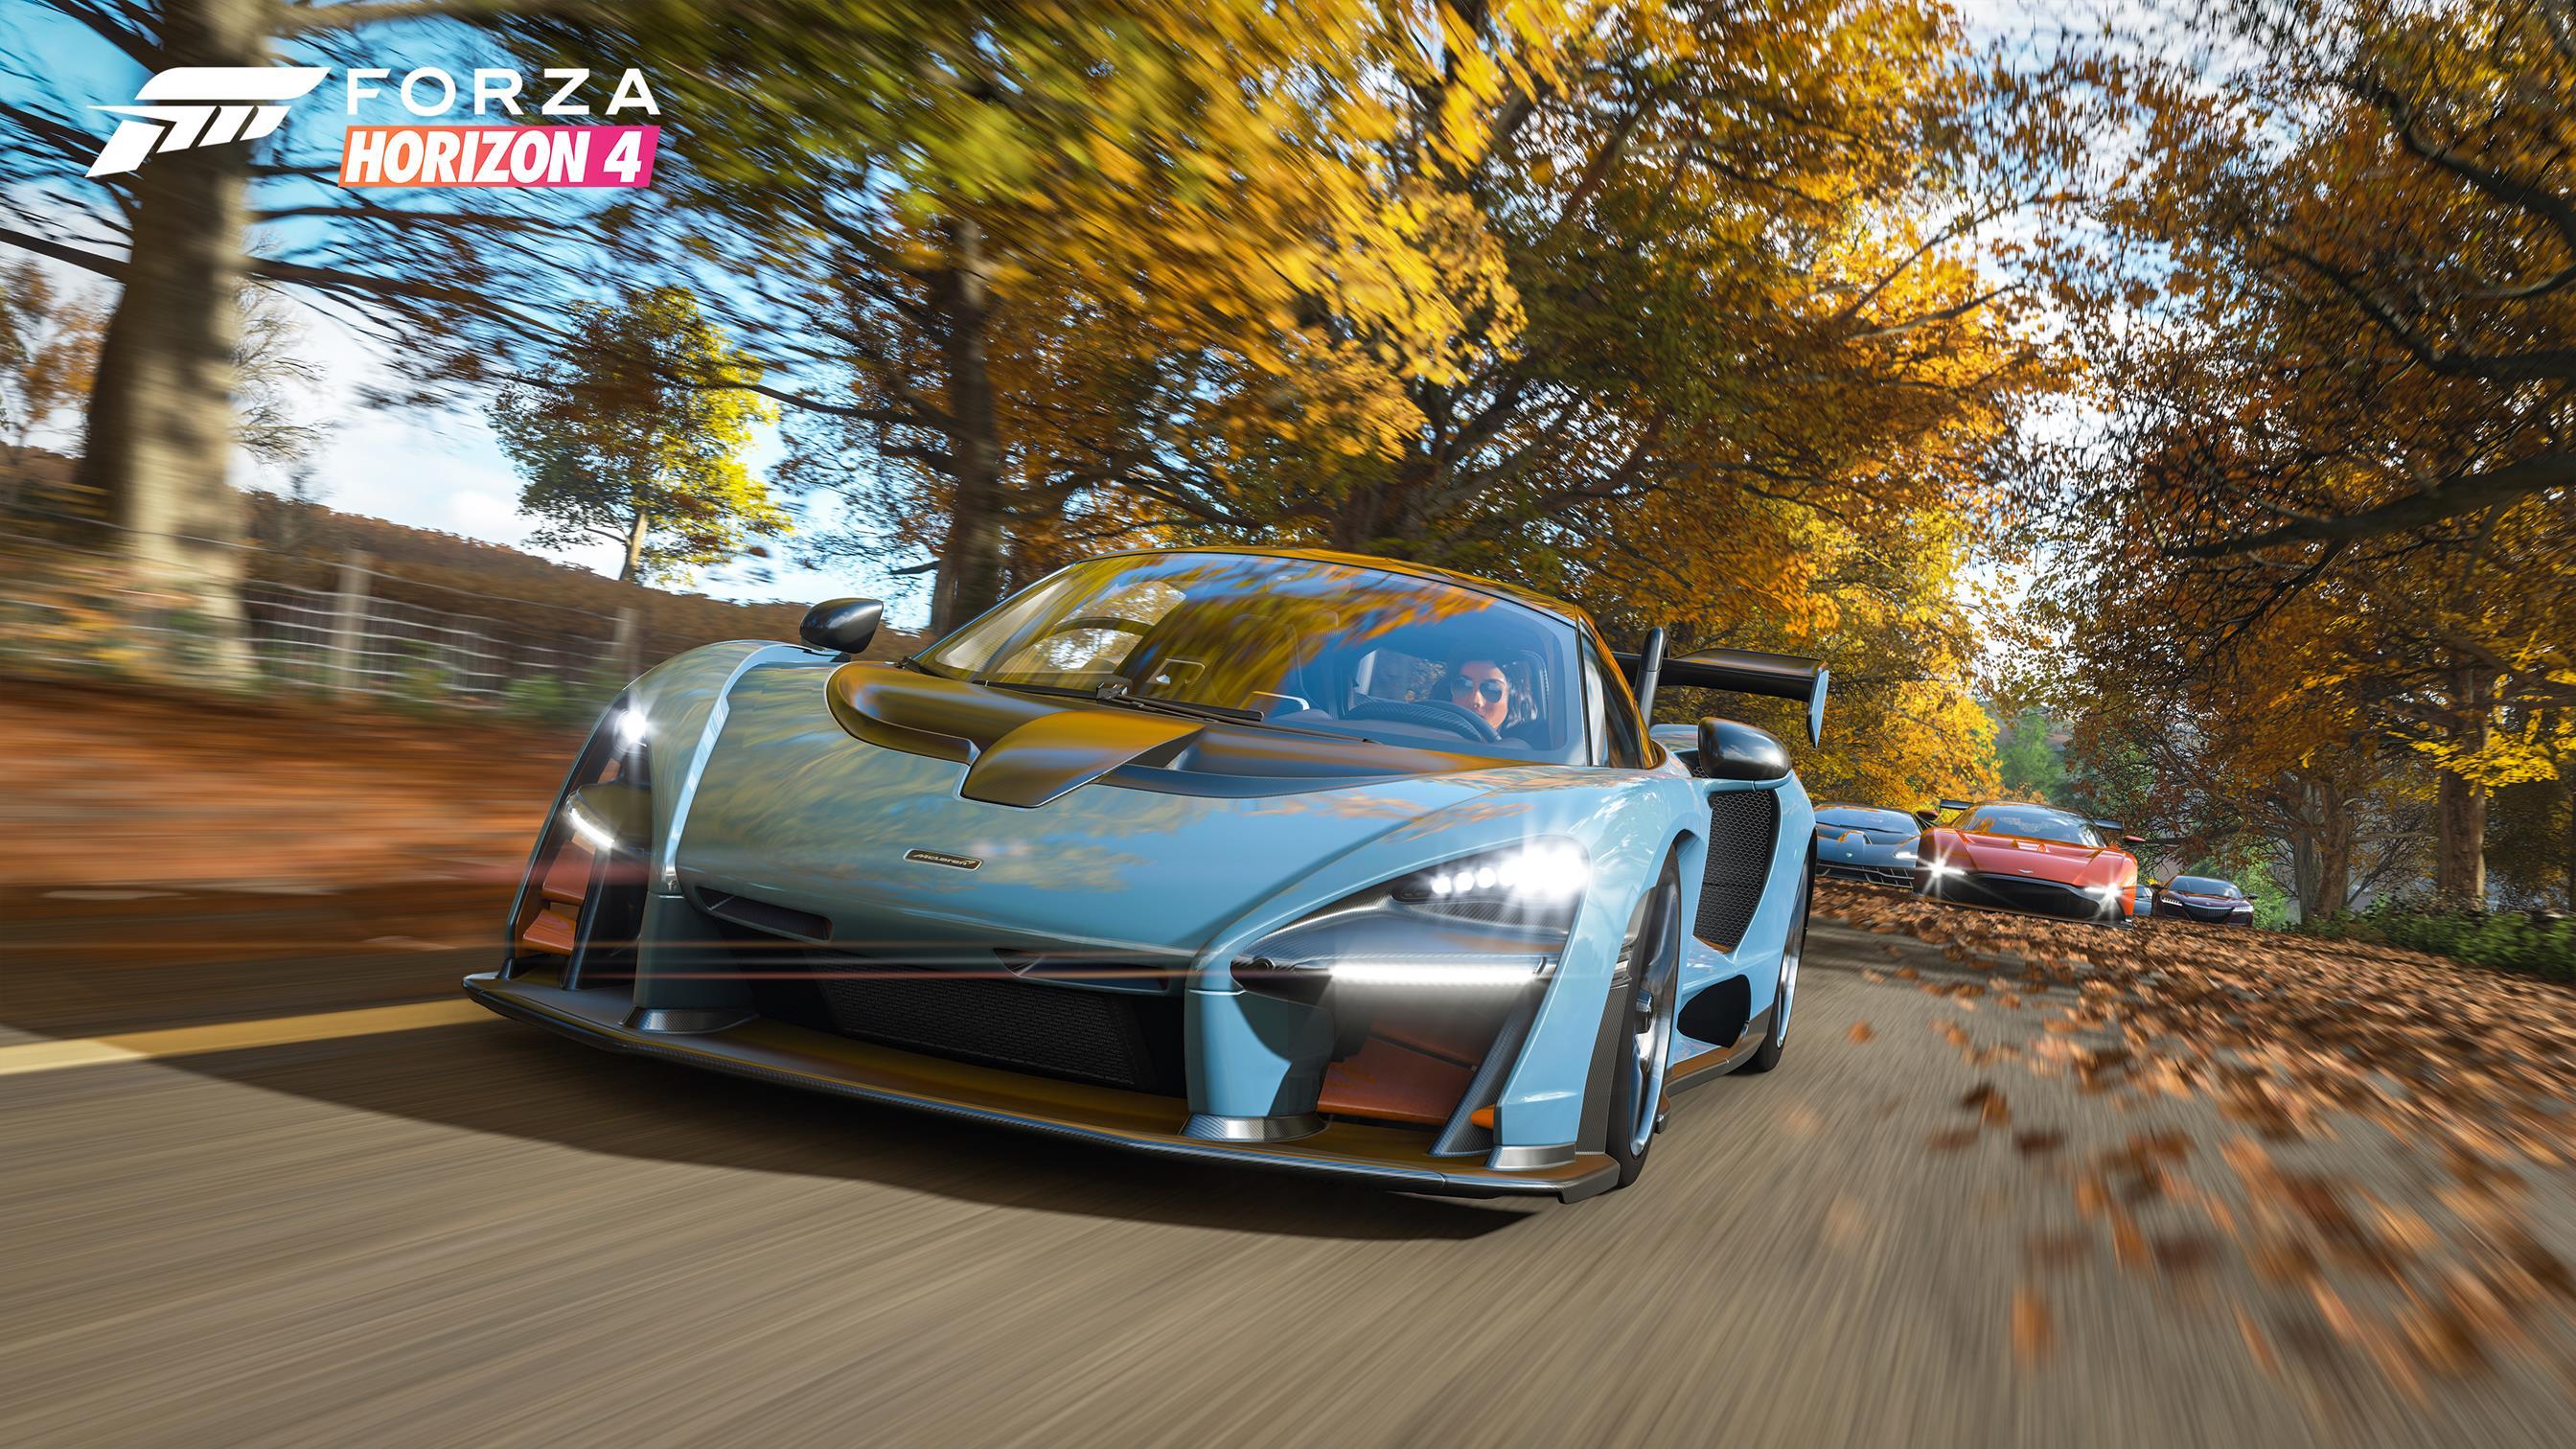 فورزا هورايزن 4: بعد عشرة أشهر ، تعد لعبة Playground Games 'racer الوحيدة الحصرية لأجهزة Xbox One 2